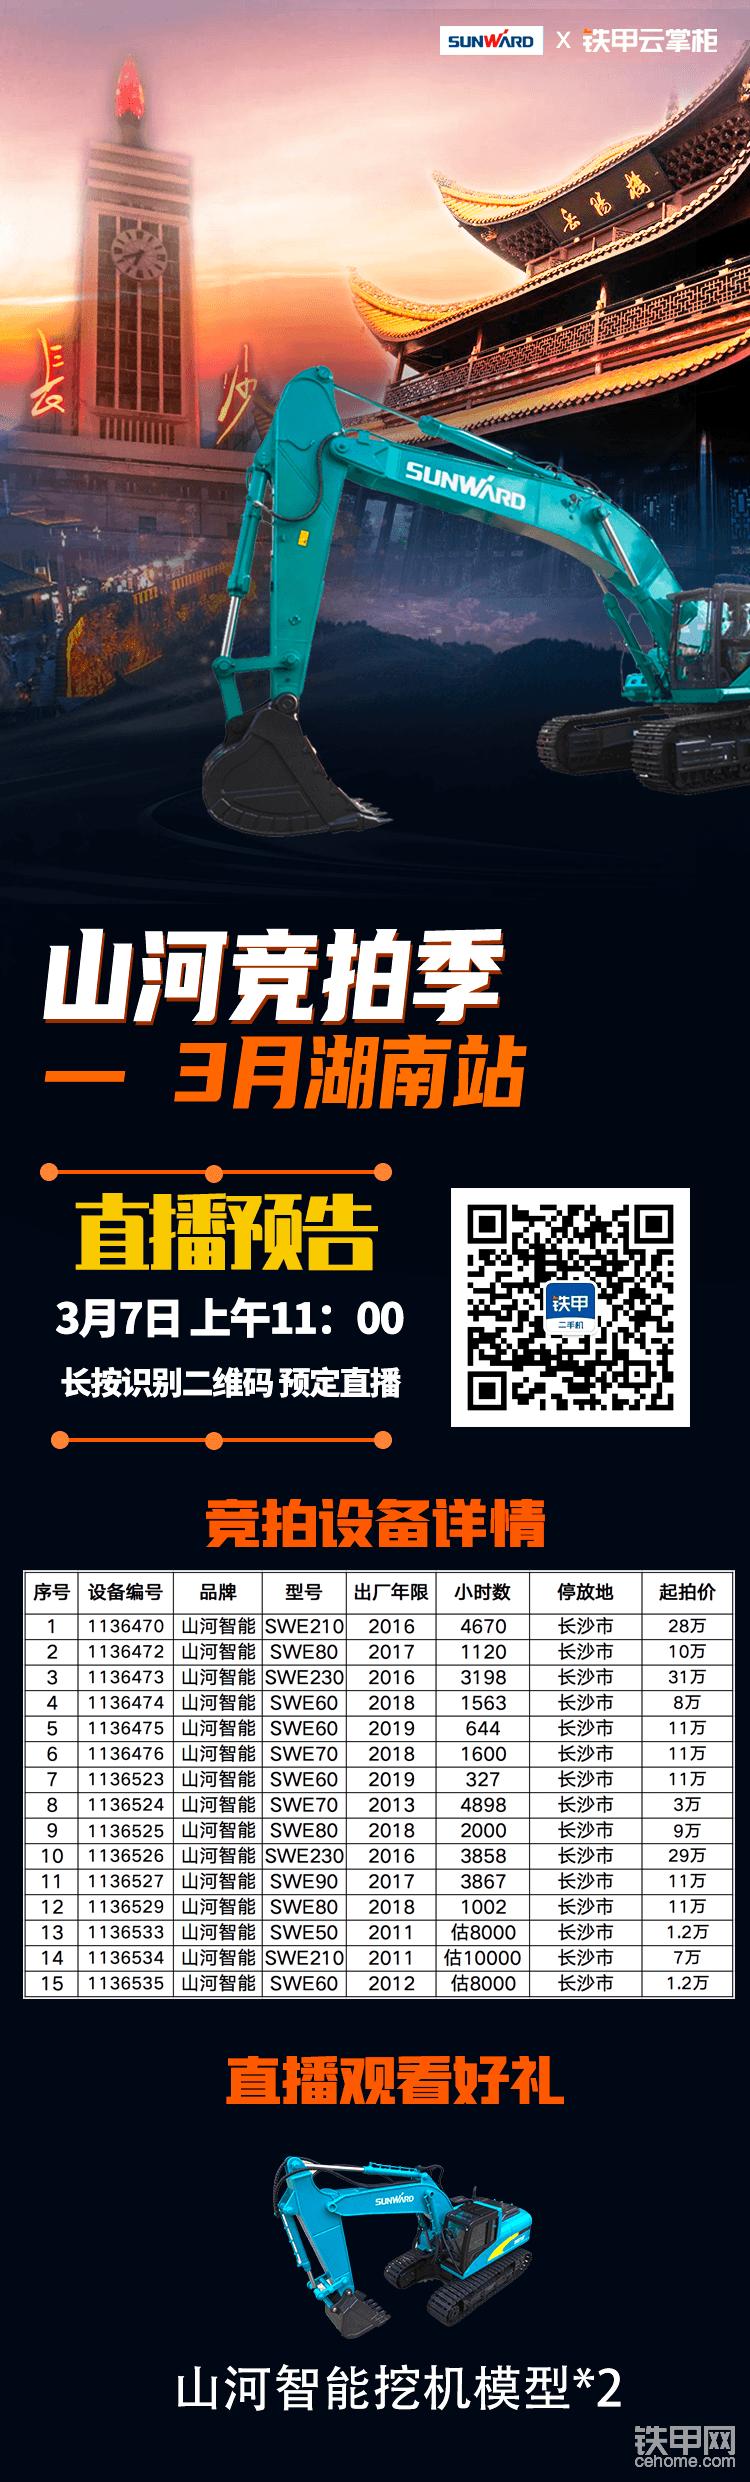 """3月山河挖机竞拍季!最低1.2万元拍到网红""""小蓝""""带回家-帖子图片"""